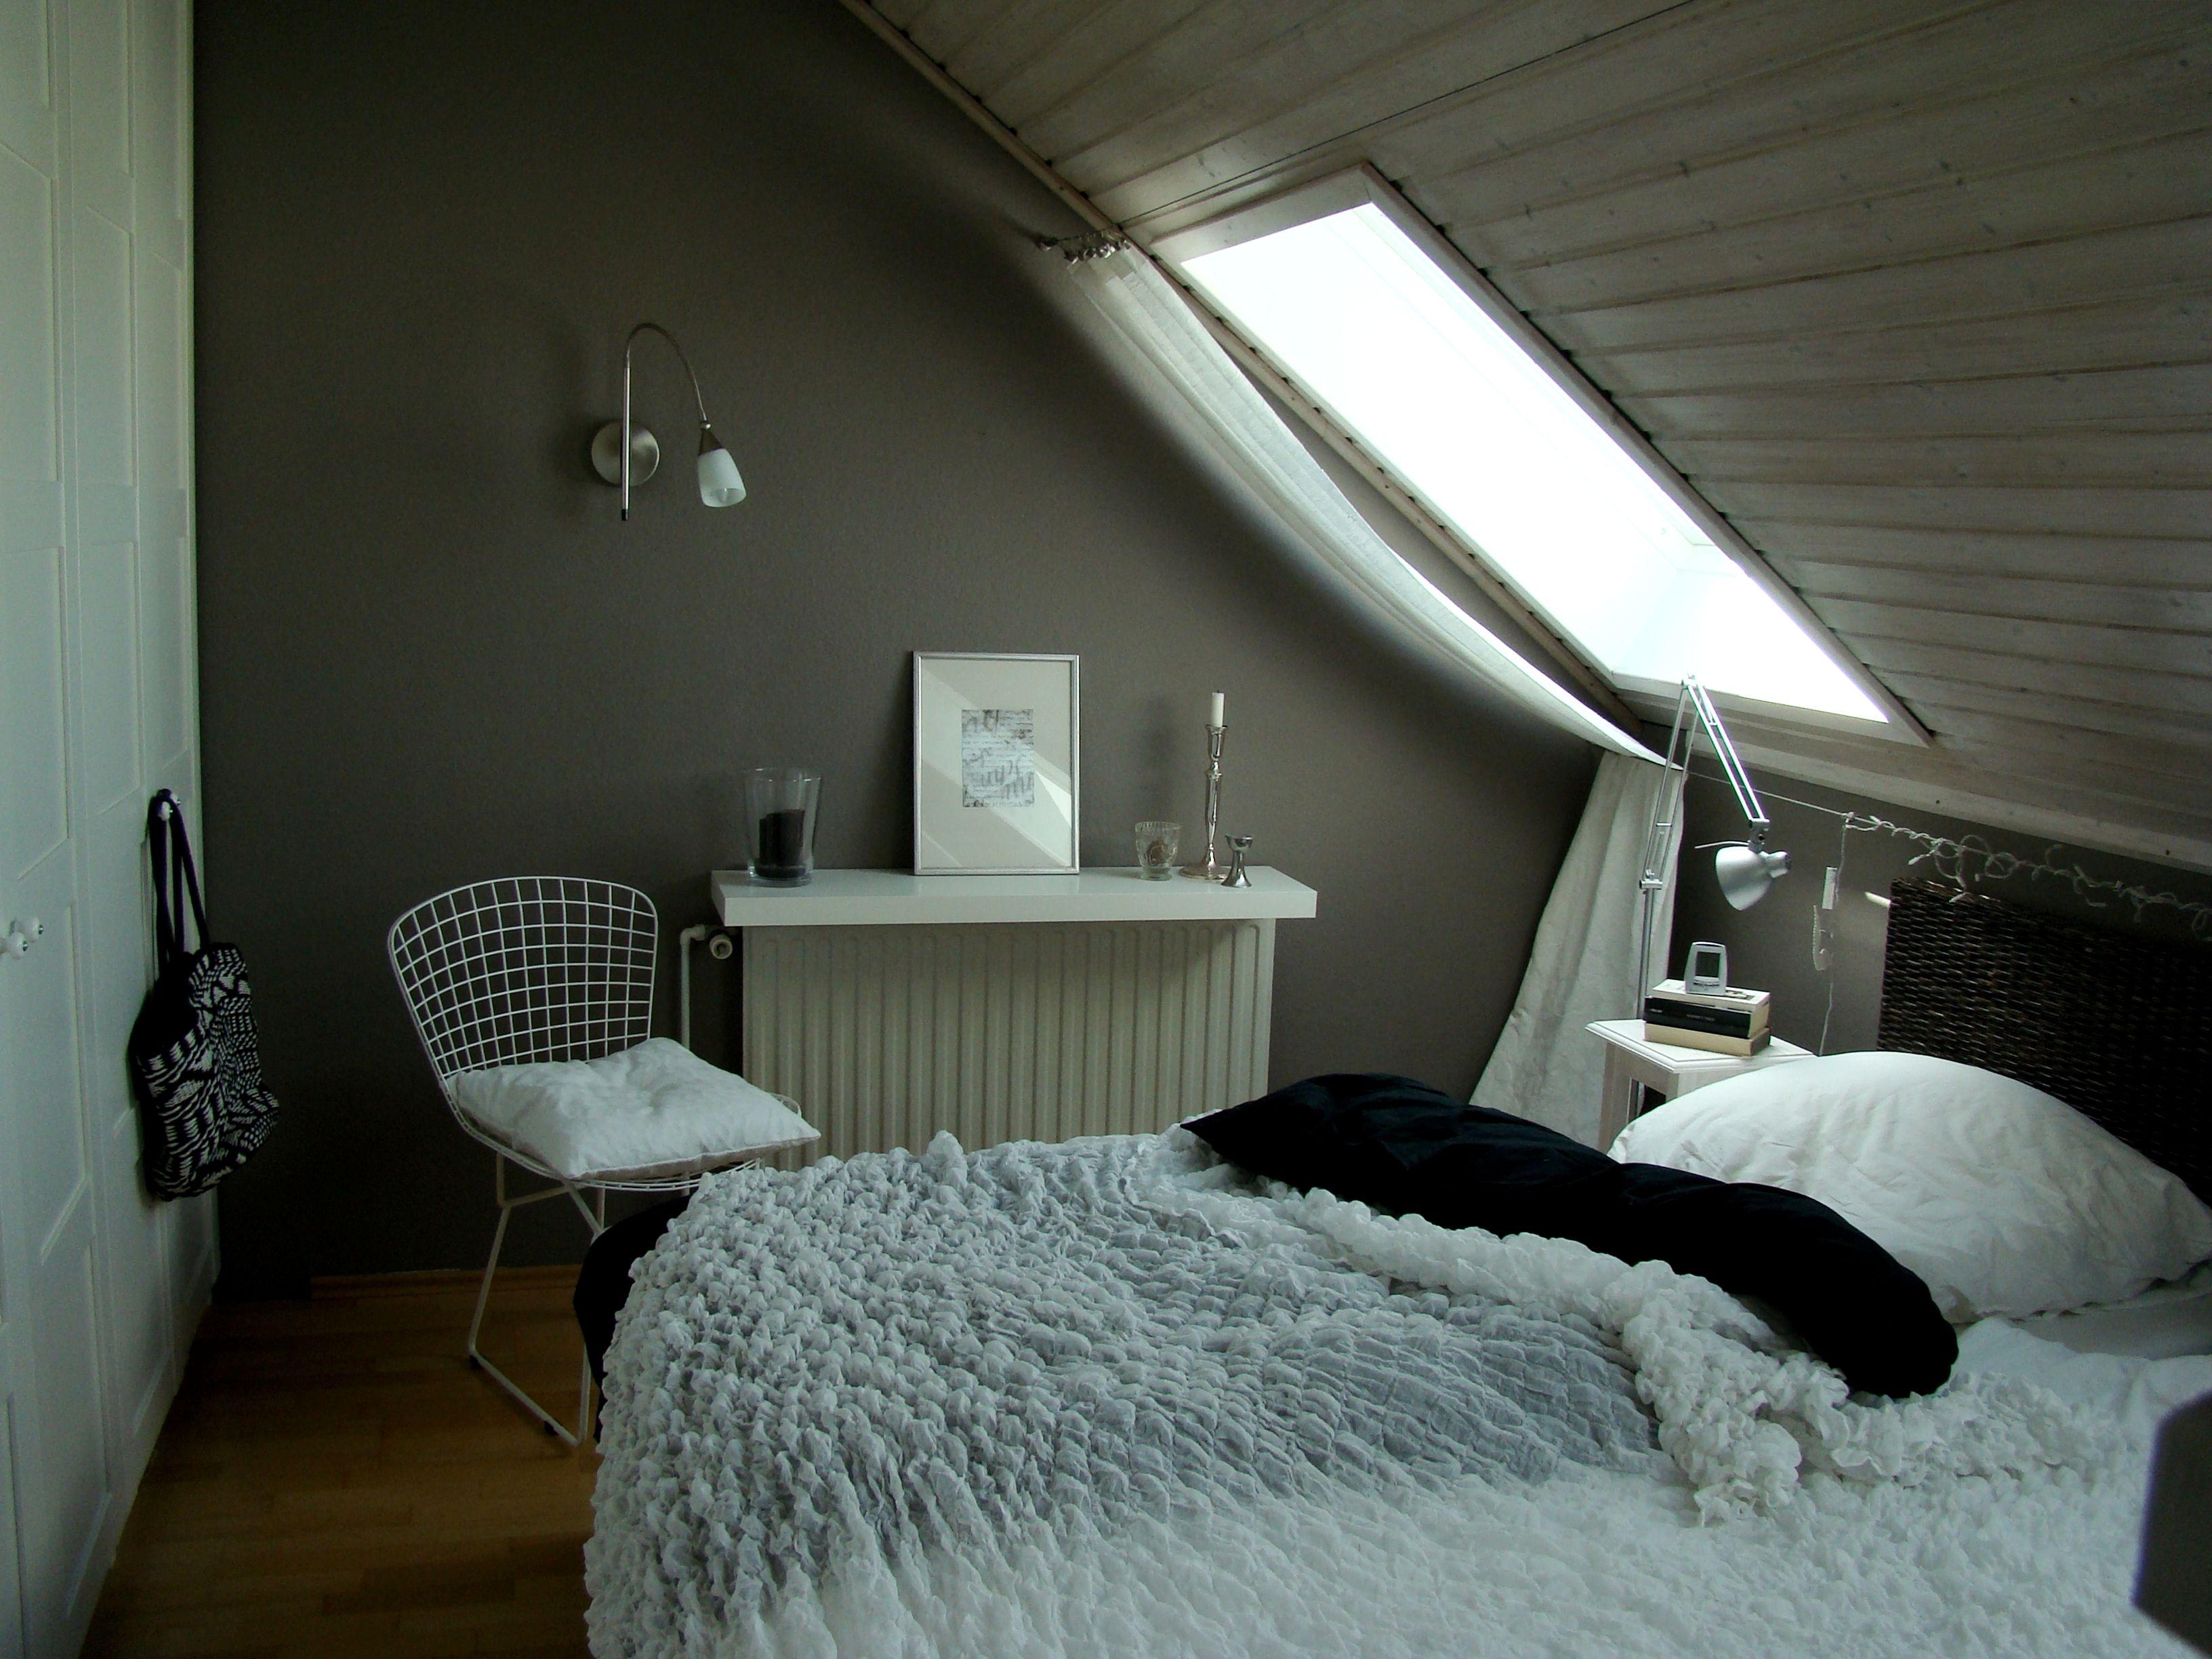 Mein Schlafzimmer  Schlafzimmer Pinterest